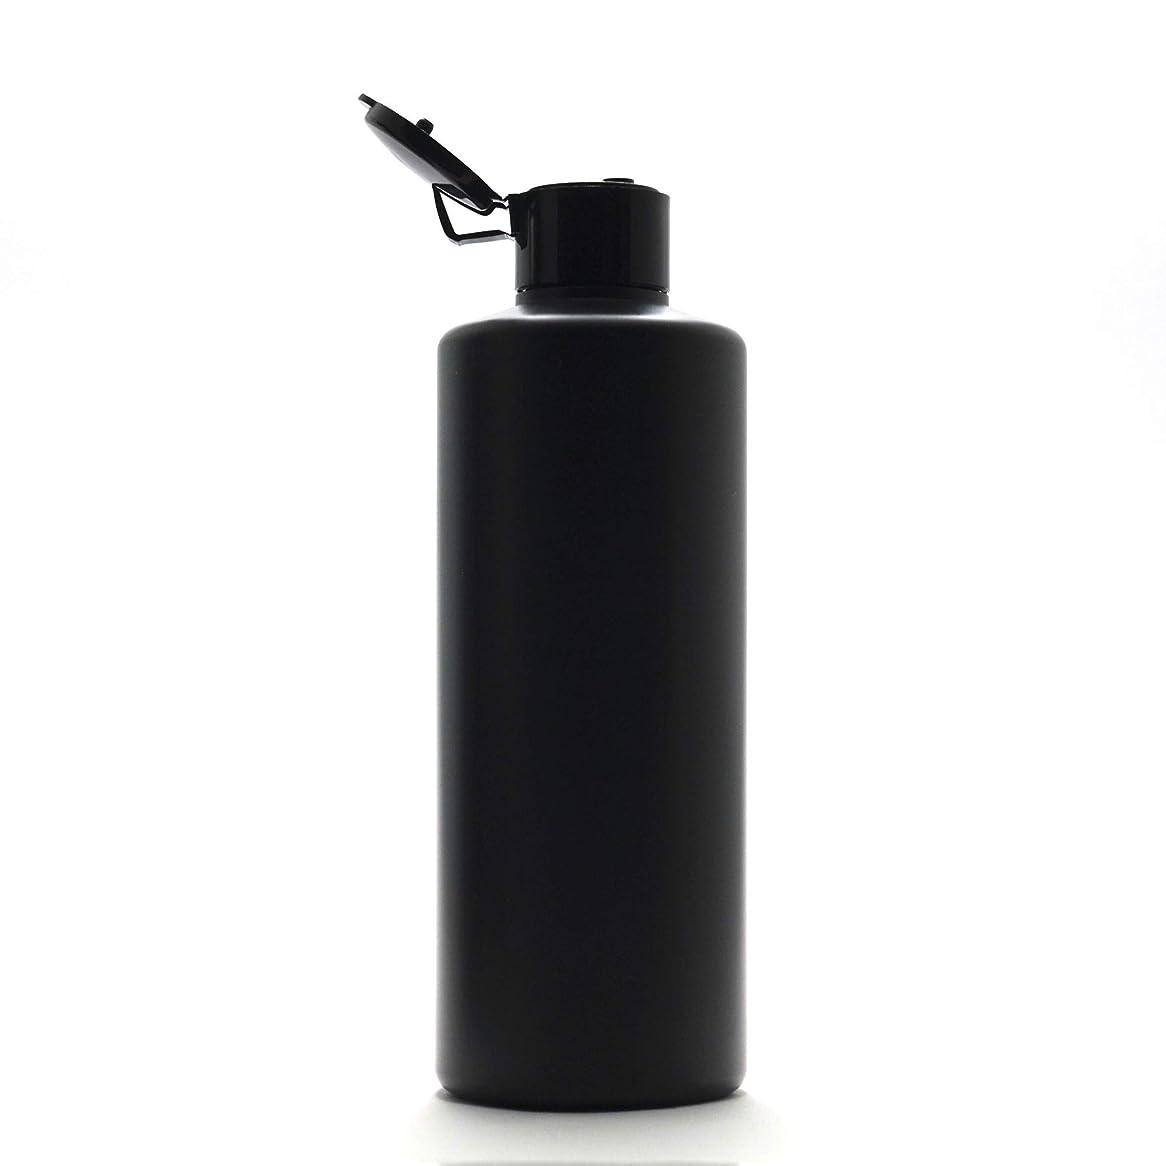 目指すあまりにもウガンダプラスチック容器 300ml PE ストレートボトル [ ボトル: 遮光黒 / ヒンジキャプ:ブラック ※パッキン付き ]